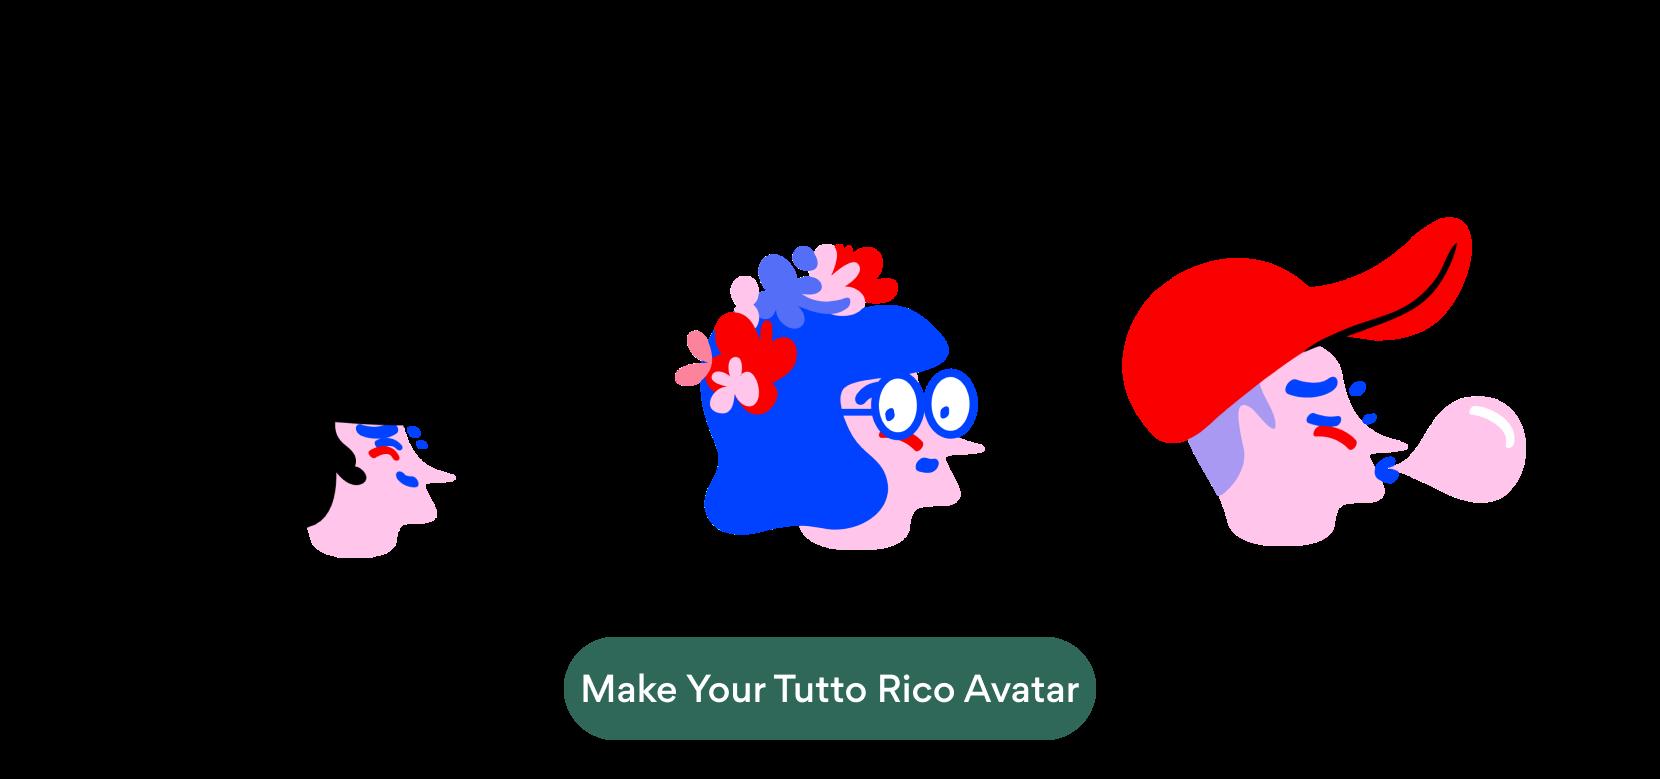 Make your Tutto Rico avatar